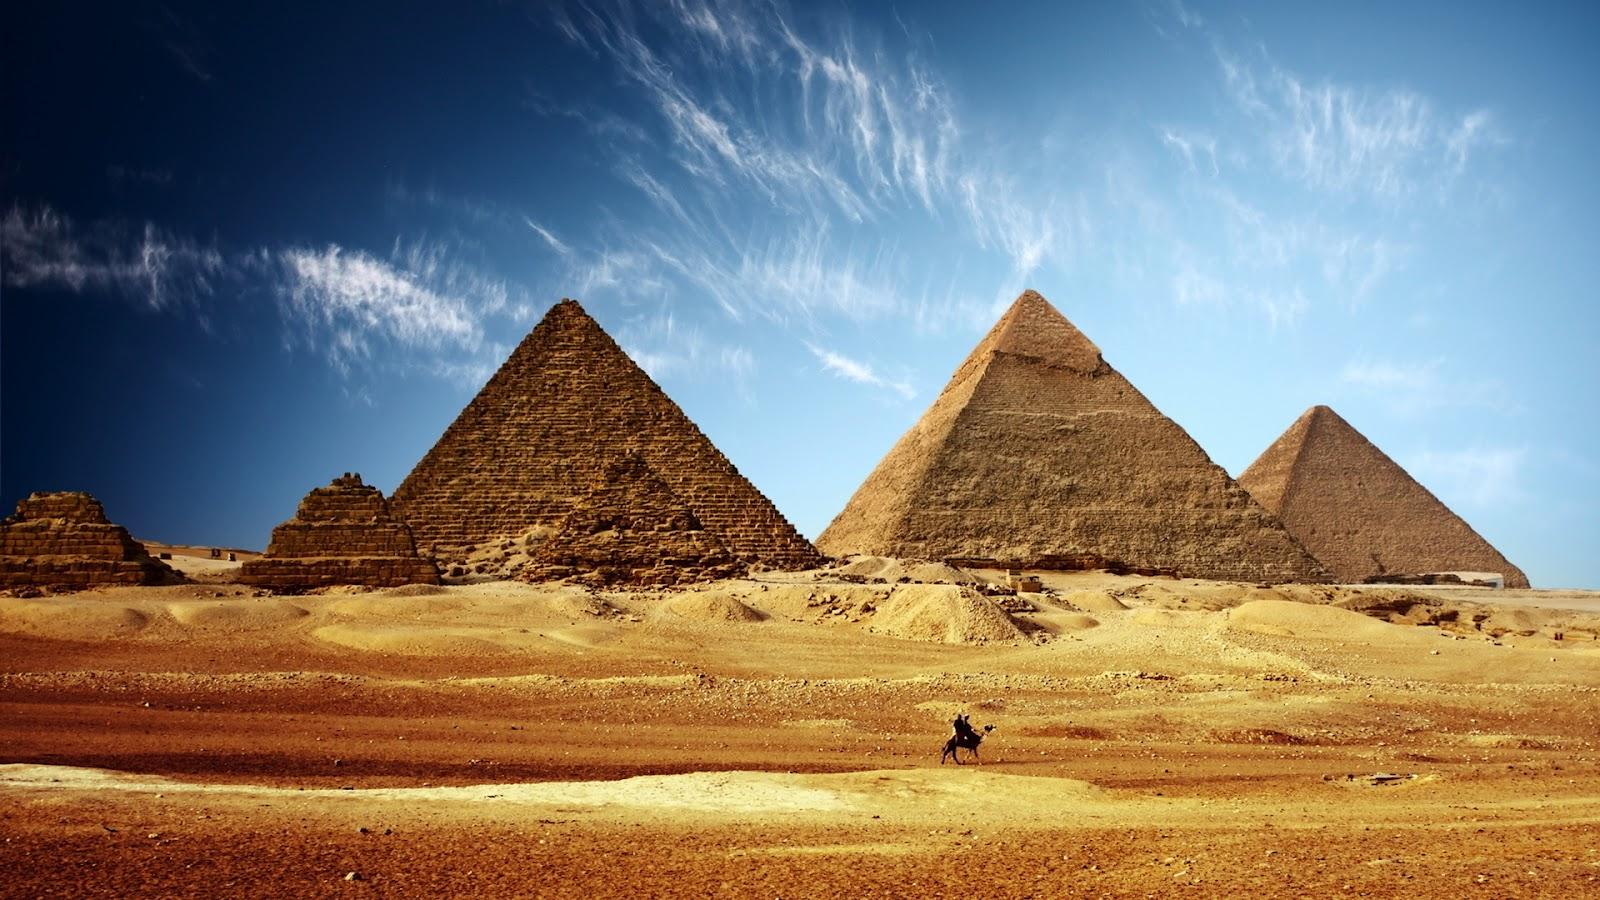 La Gran Pirámide de Giza | ReydeKish - Historias de la Antigüedad